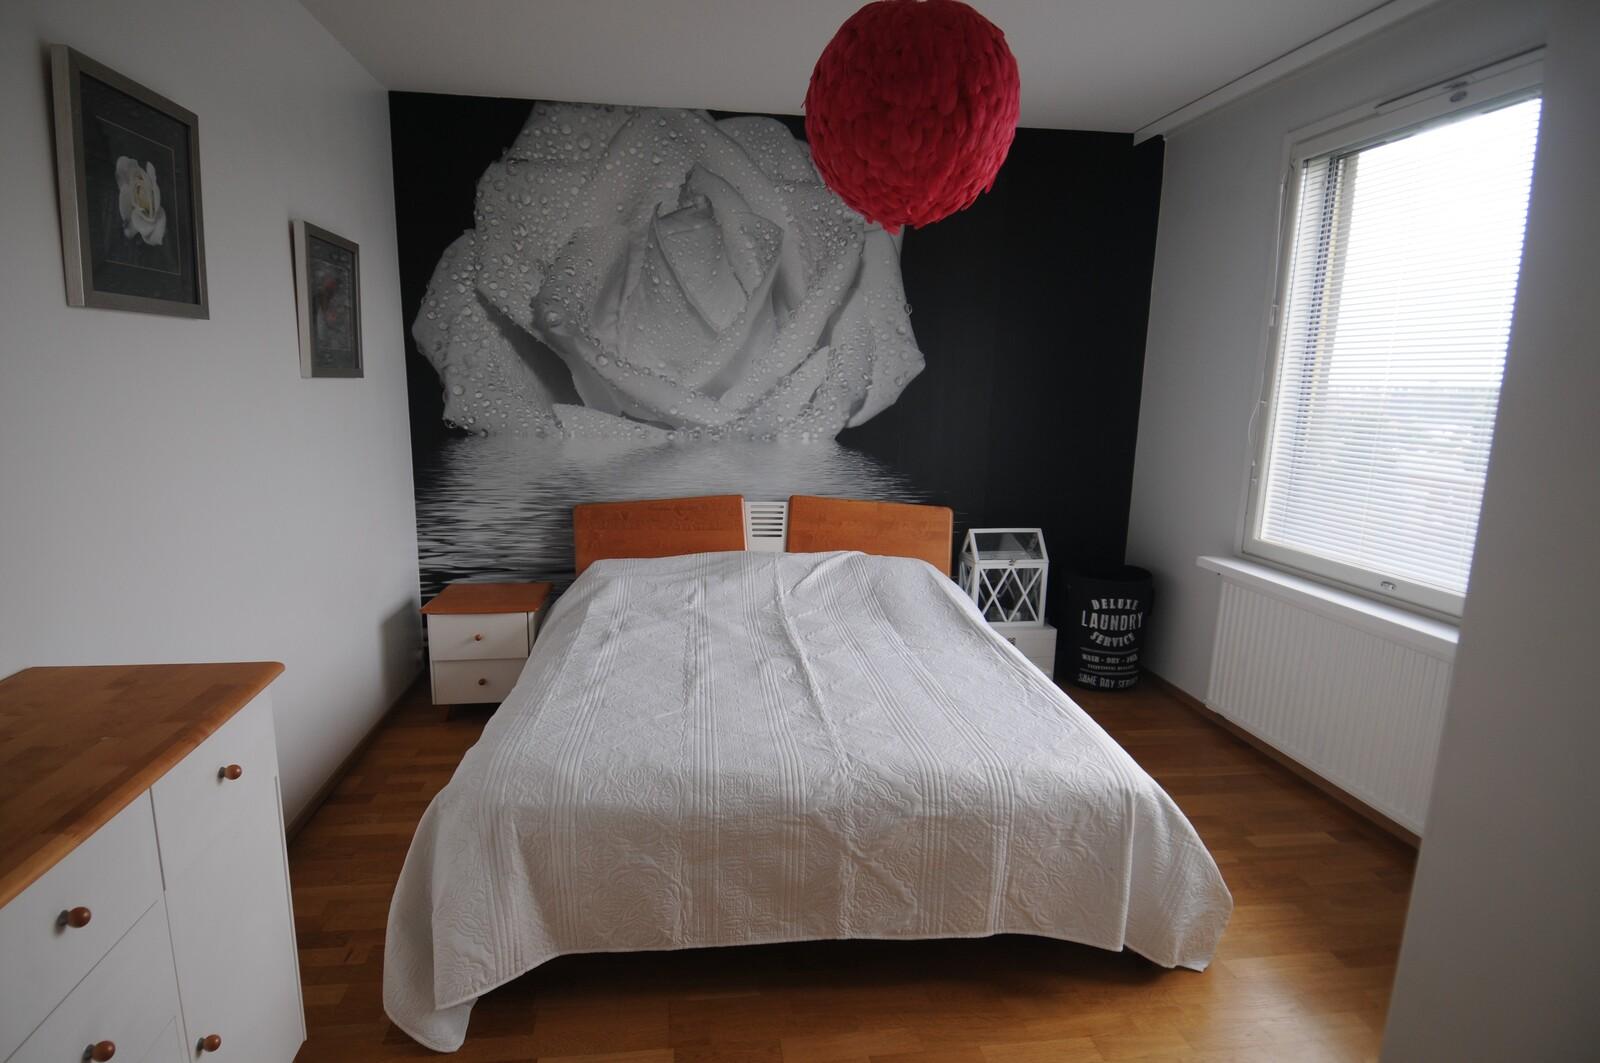 Makuuhuoneessa on 160 cm leveä vuode. Huone on talon etelä-länsi kulmassa.